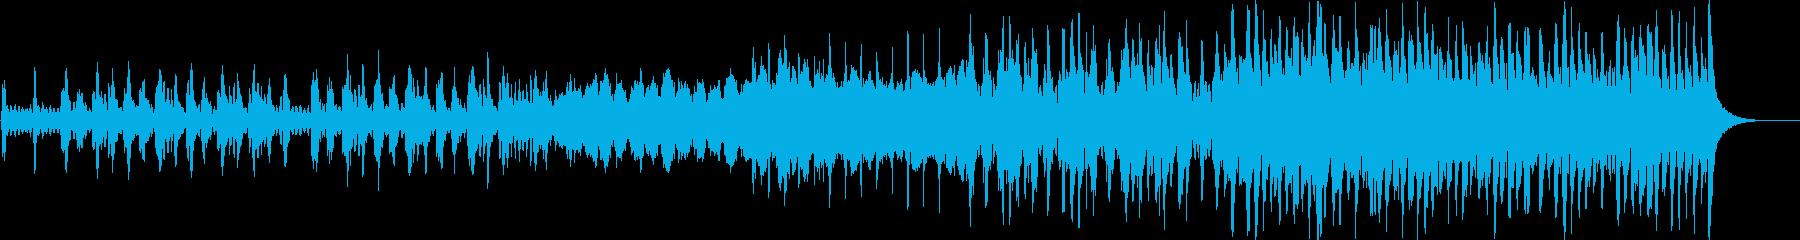 ゲーム等のオープニング向けオーケストラ曲の再生済みの波形